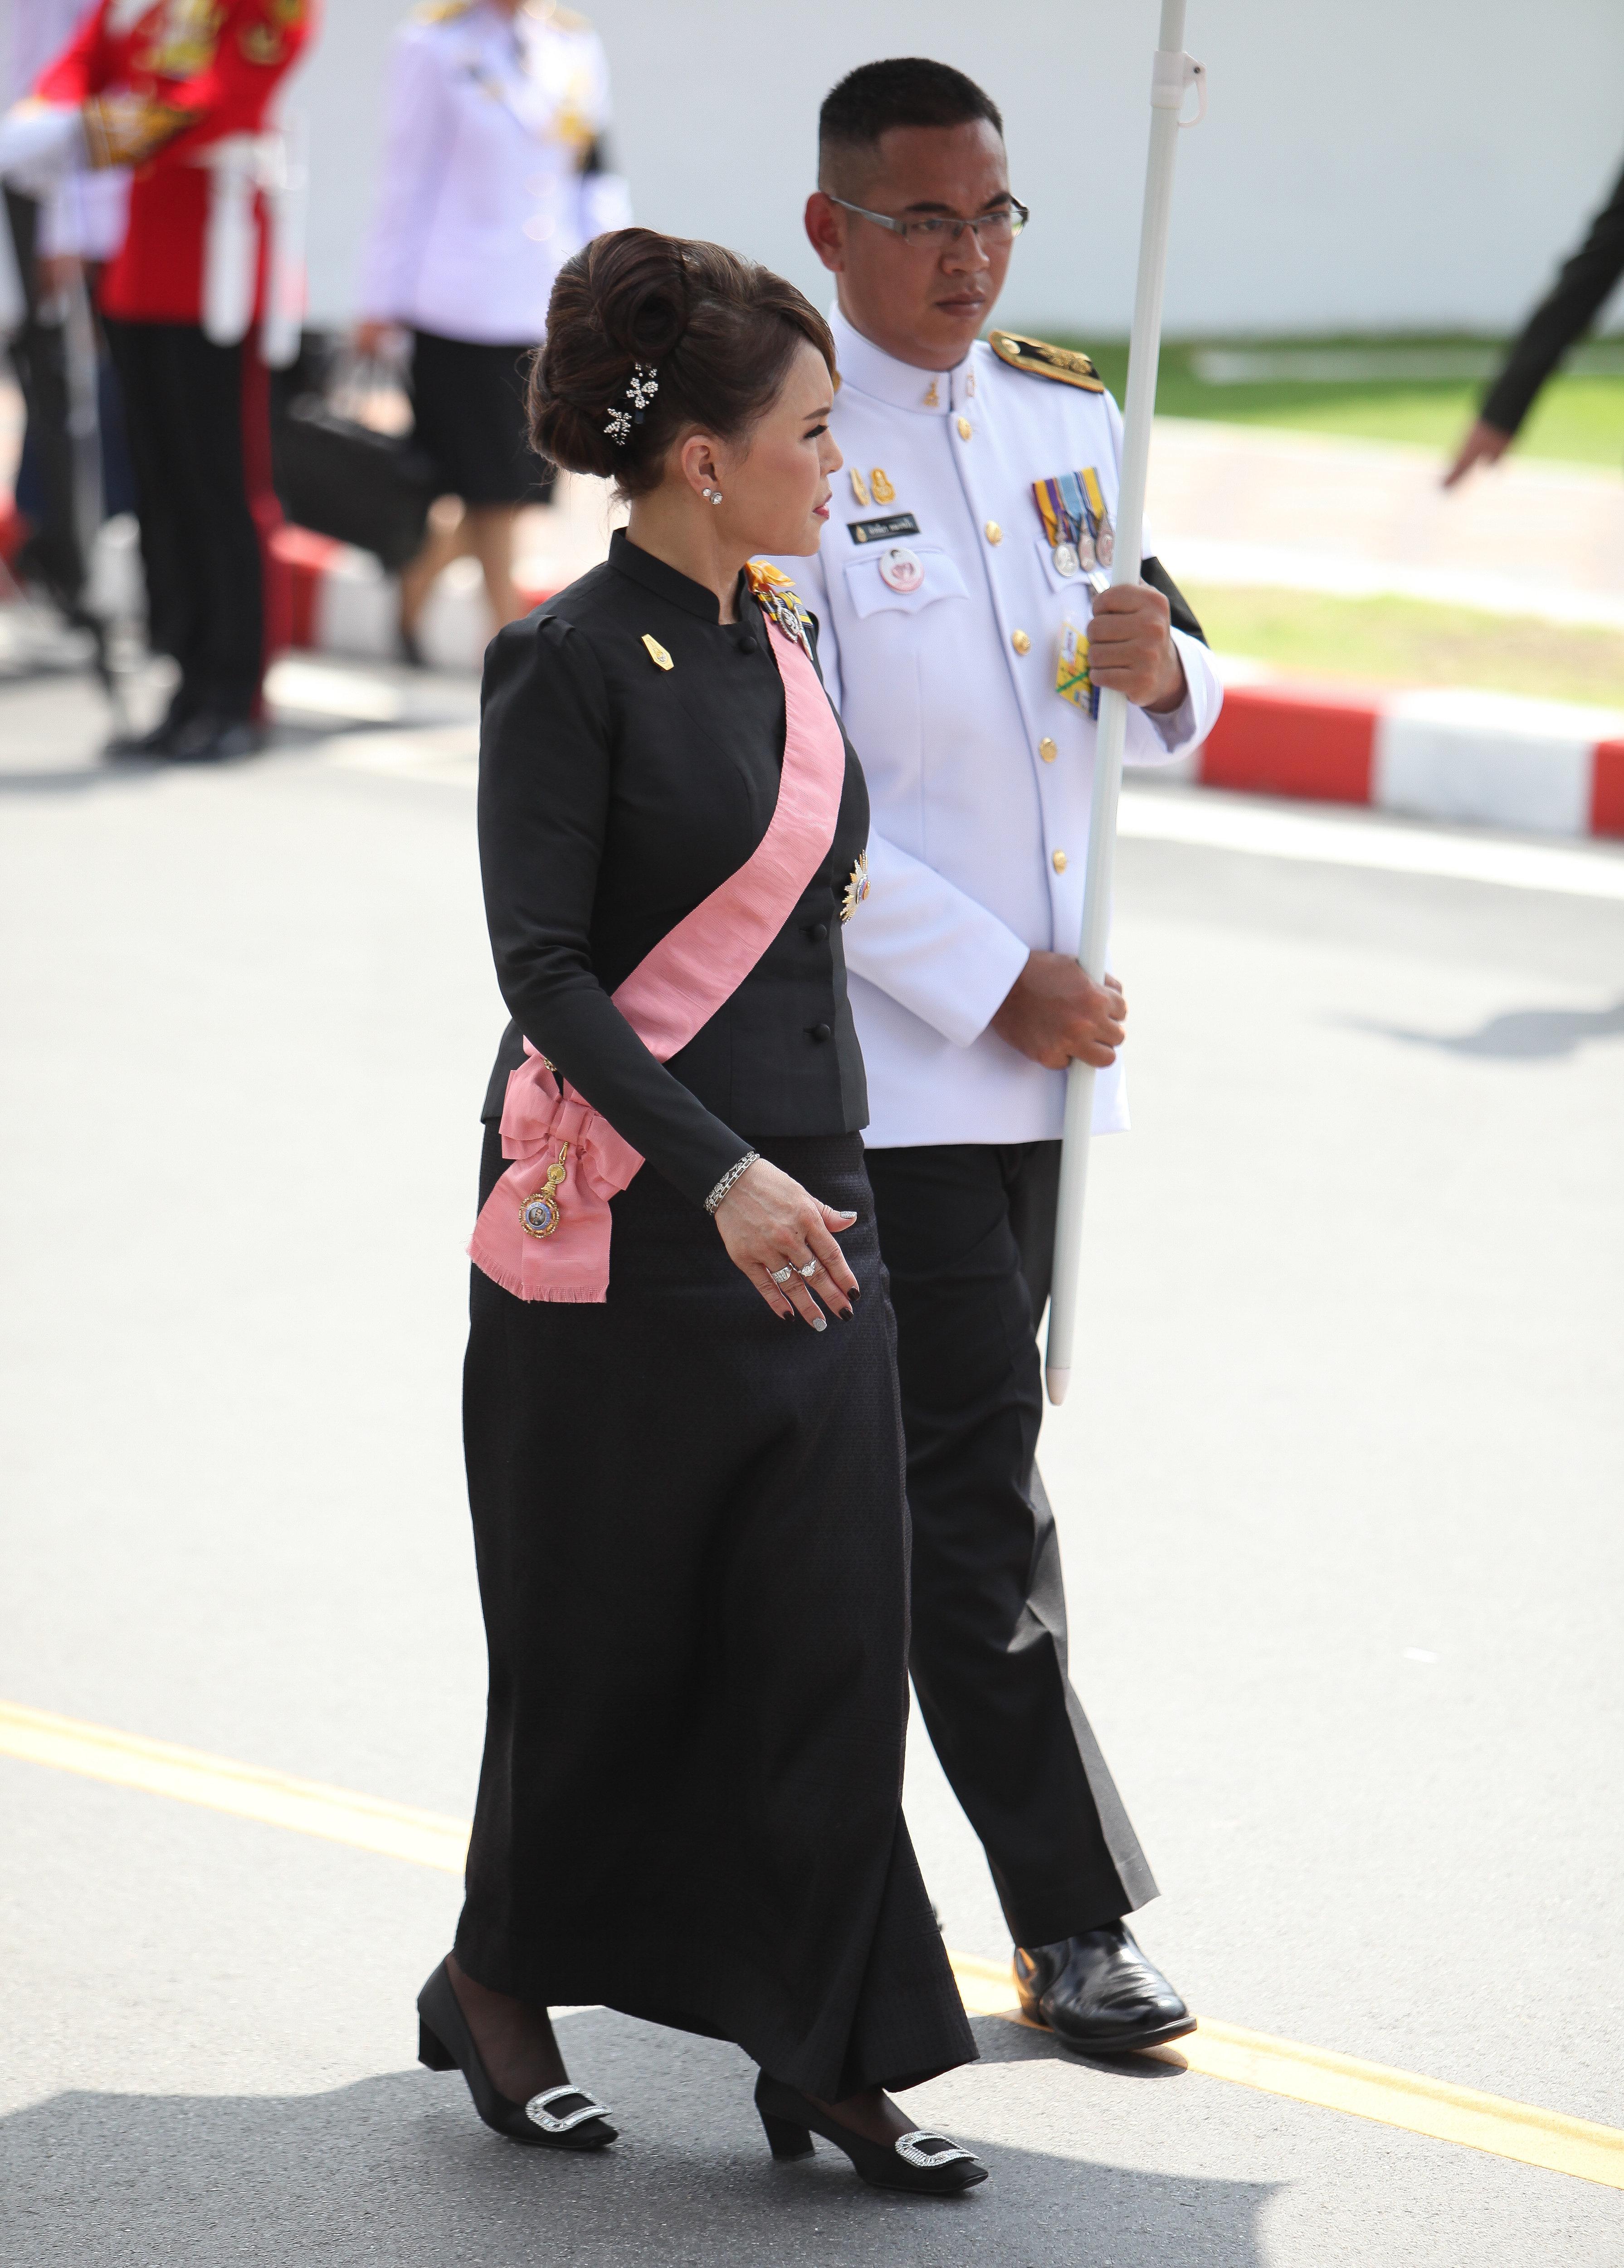 Πως η πριγκίπισσα της Ταϊλάνδης θα μπορούσε να γίνει η επόμενη πρωθυπουργός της